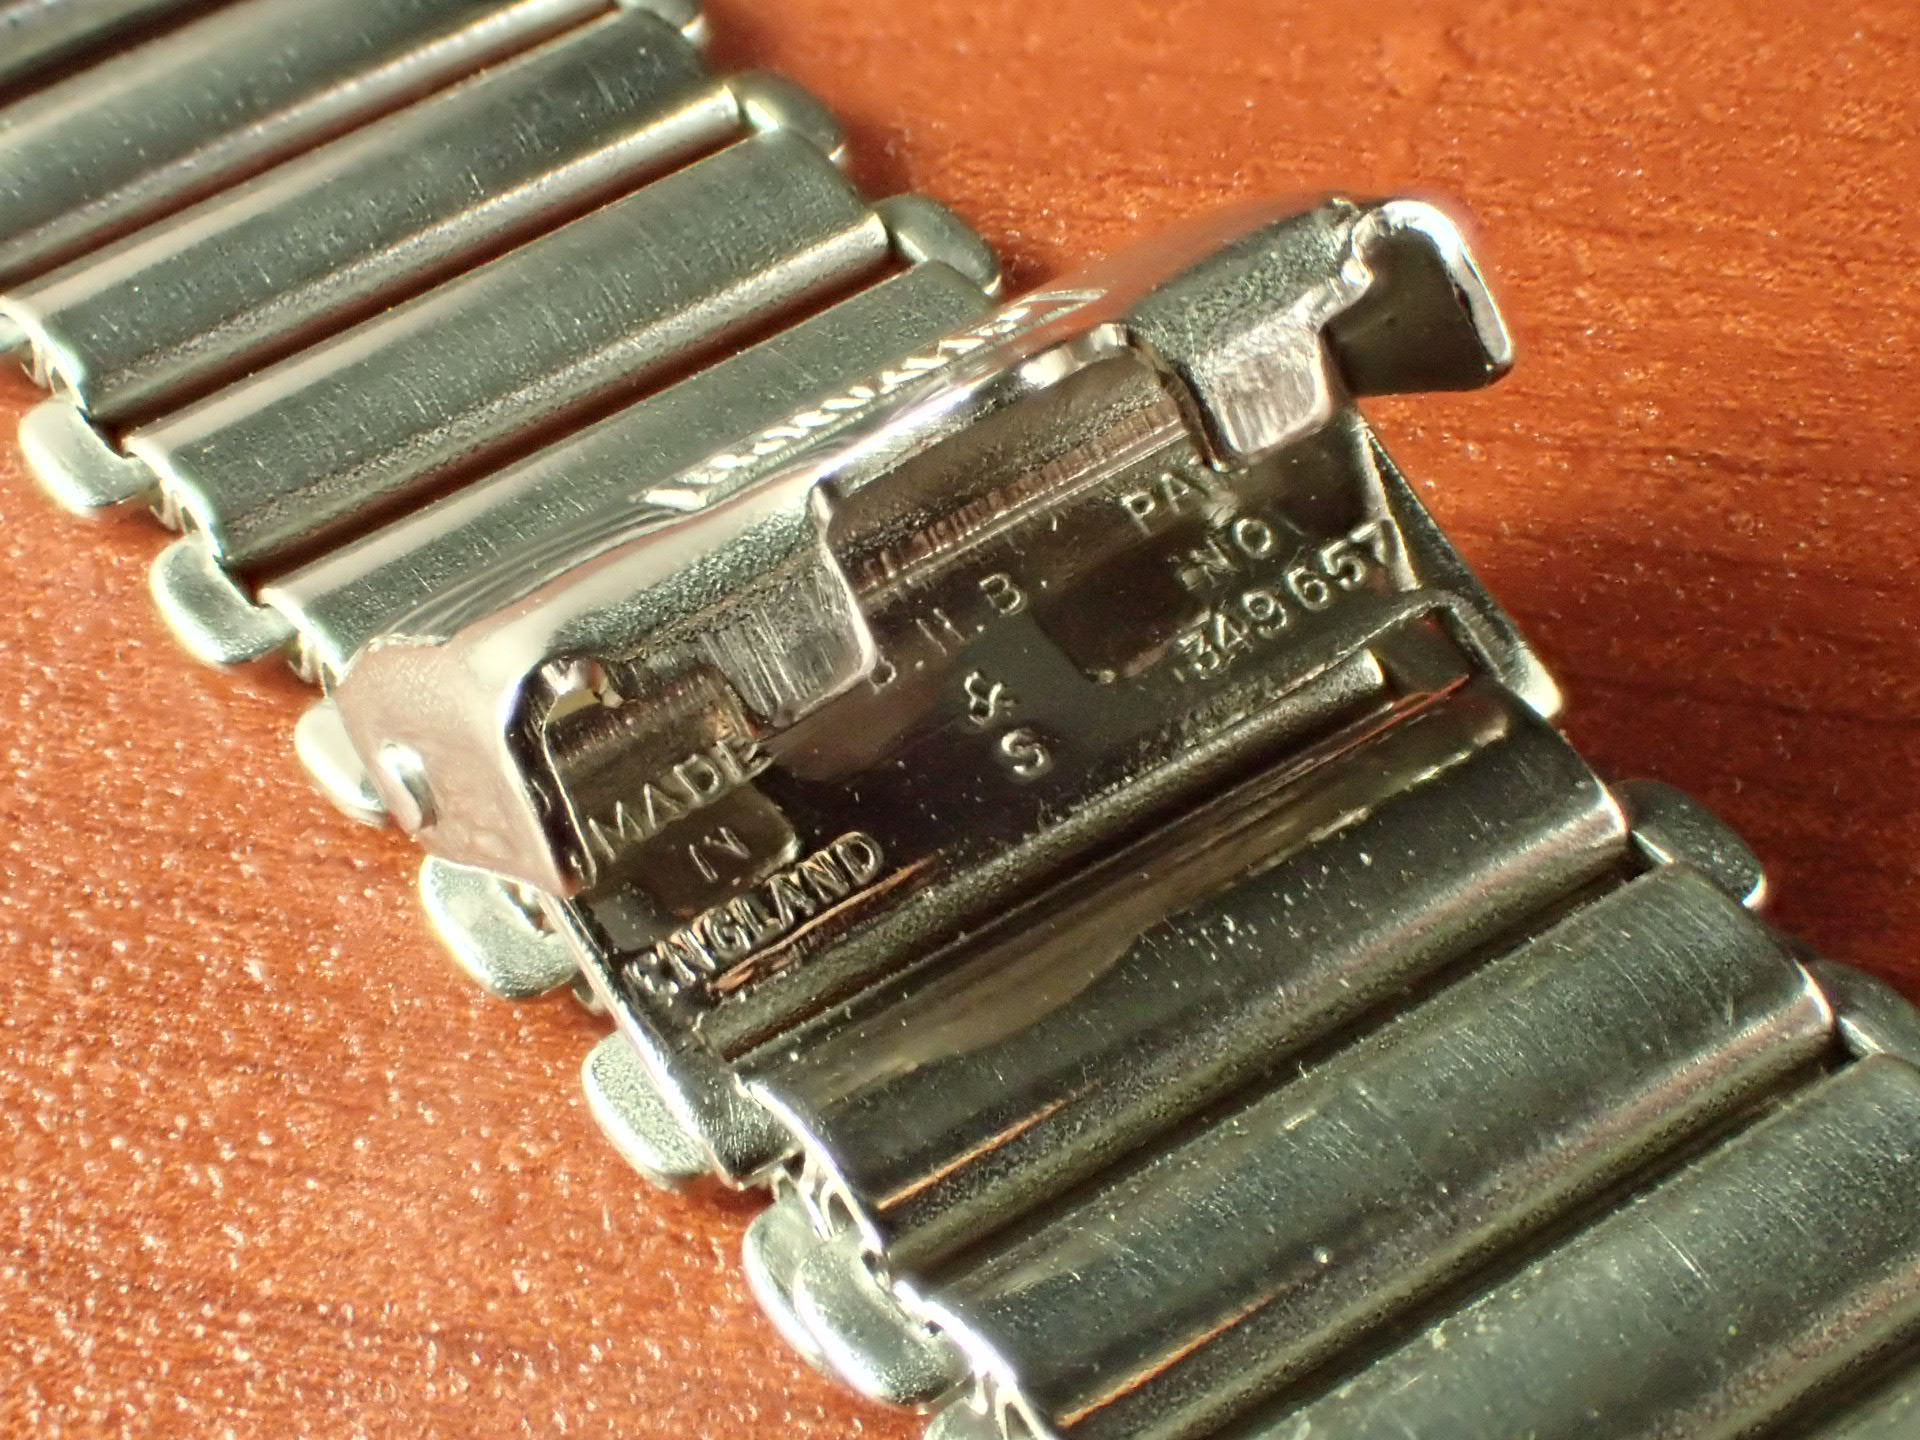 ボンクリップ バンブーブレス NOS リンク13mm 取付16mm Rエンド SS 1940年代の写真3枚目